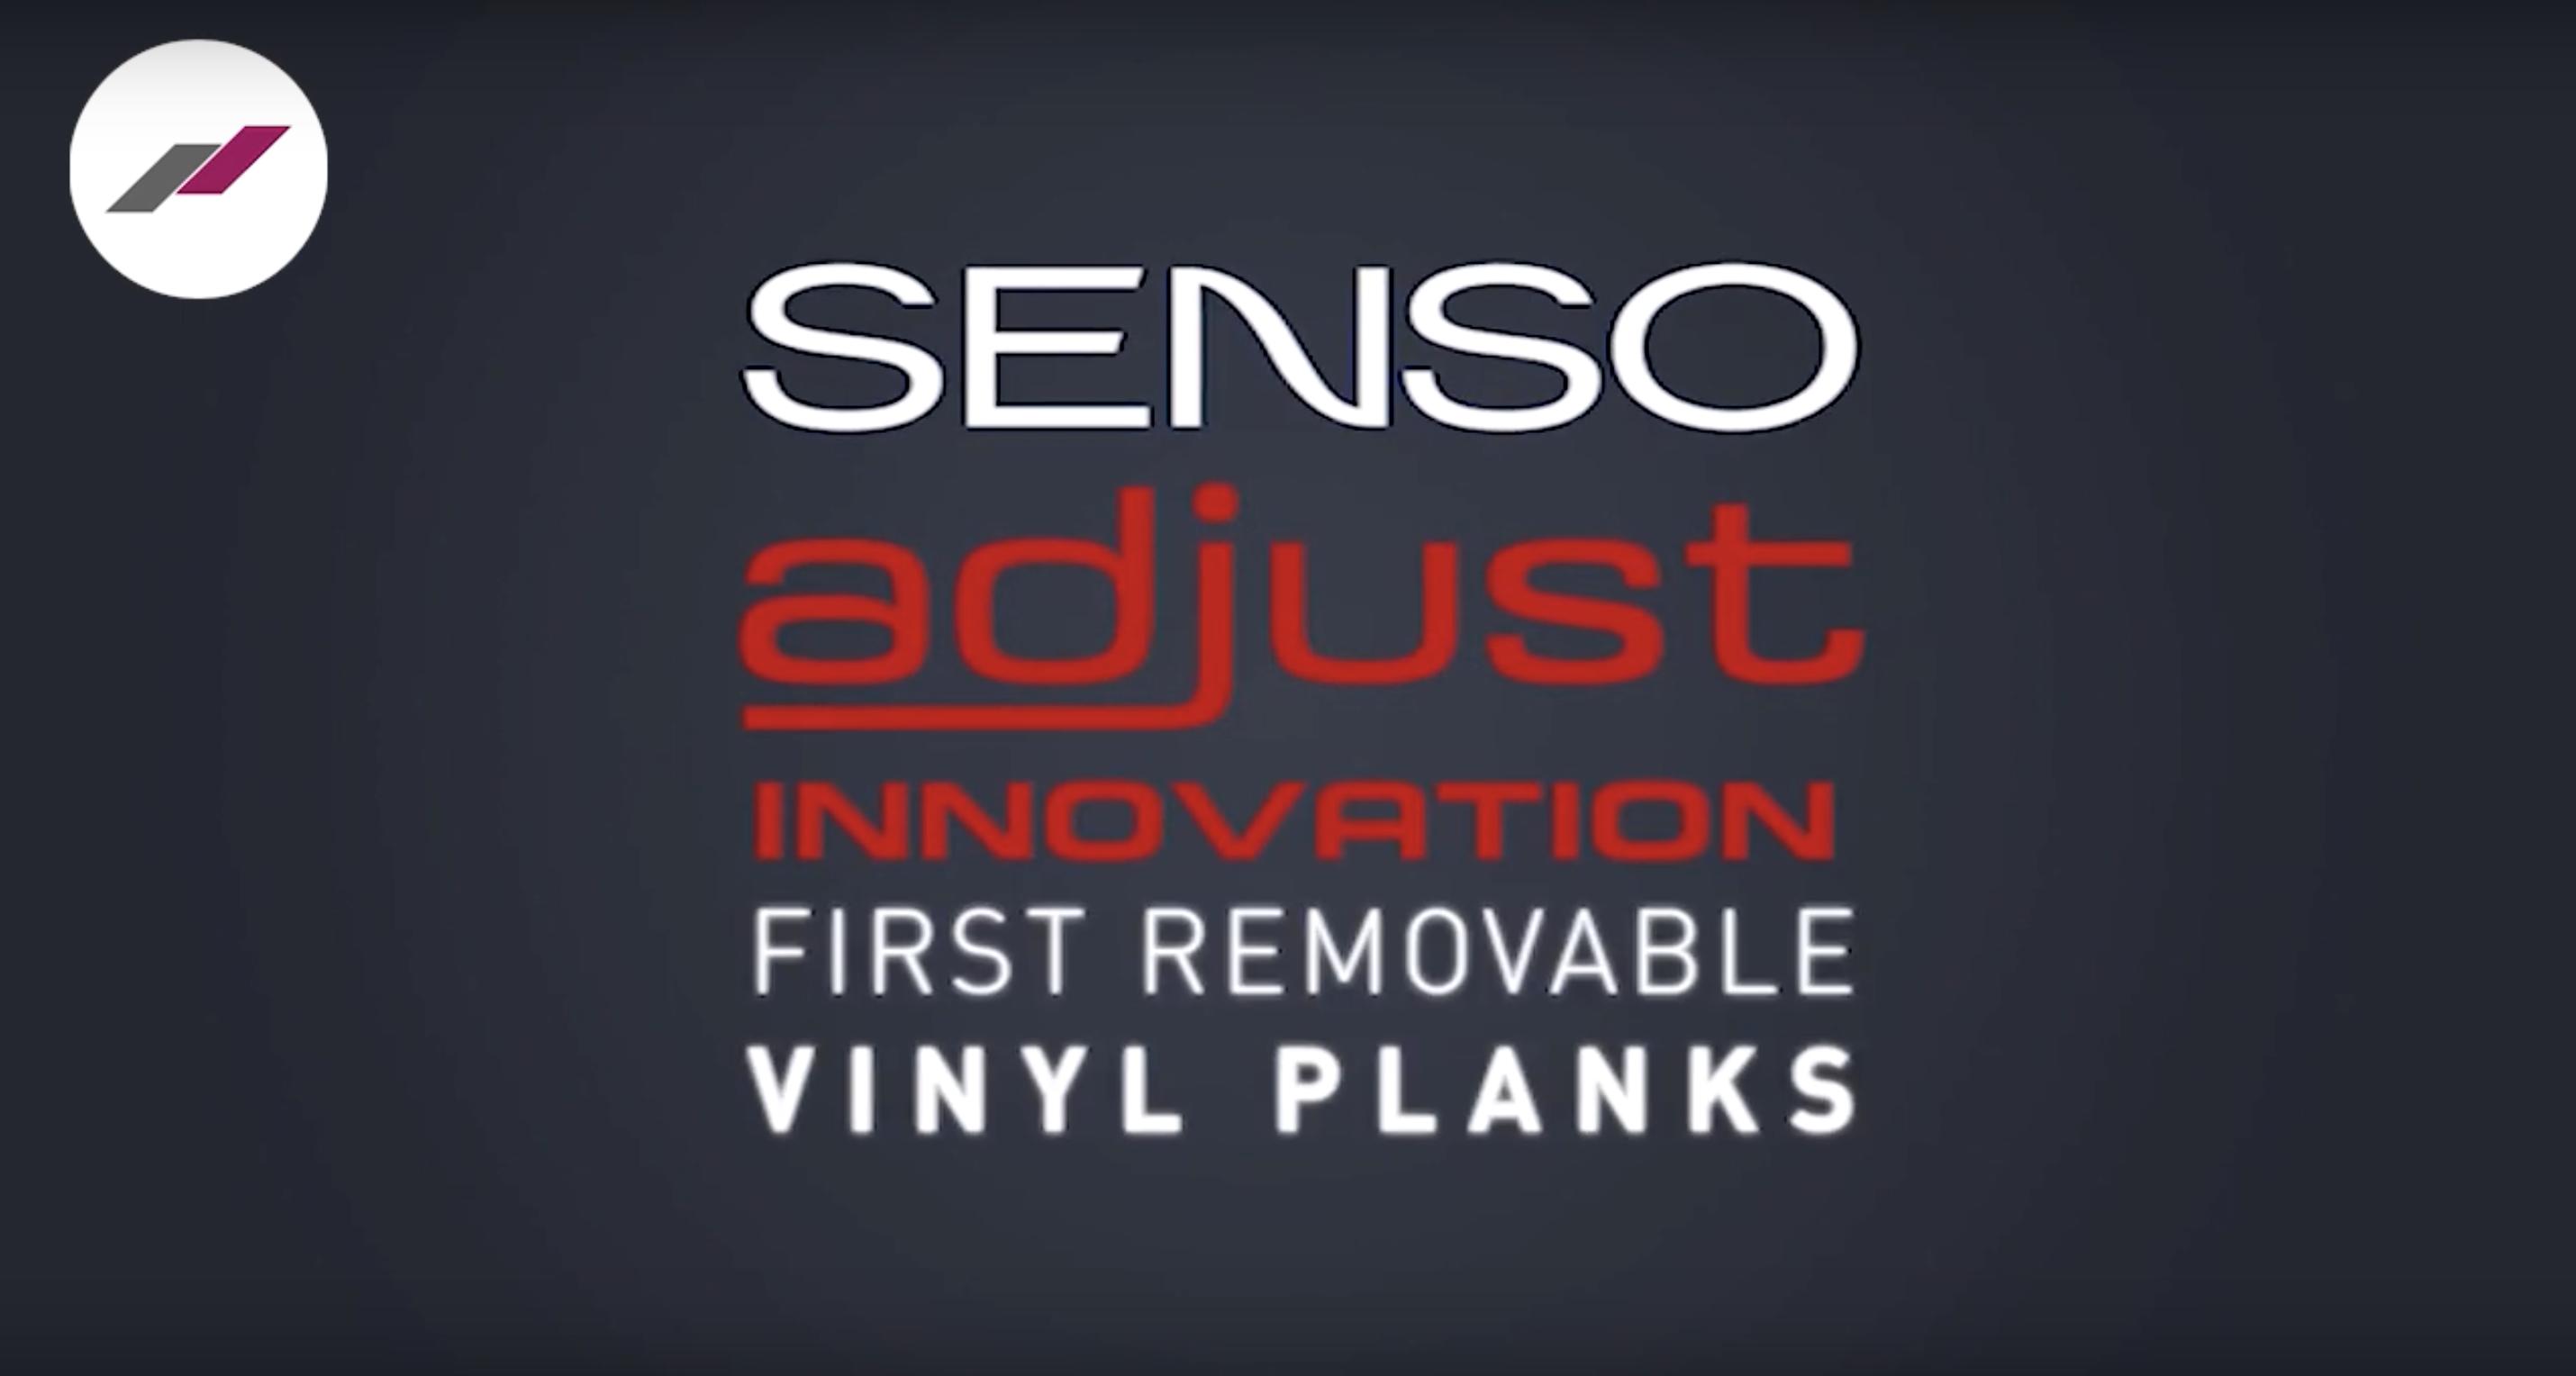 Senso Adjust Vinyl Planks